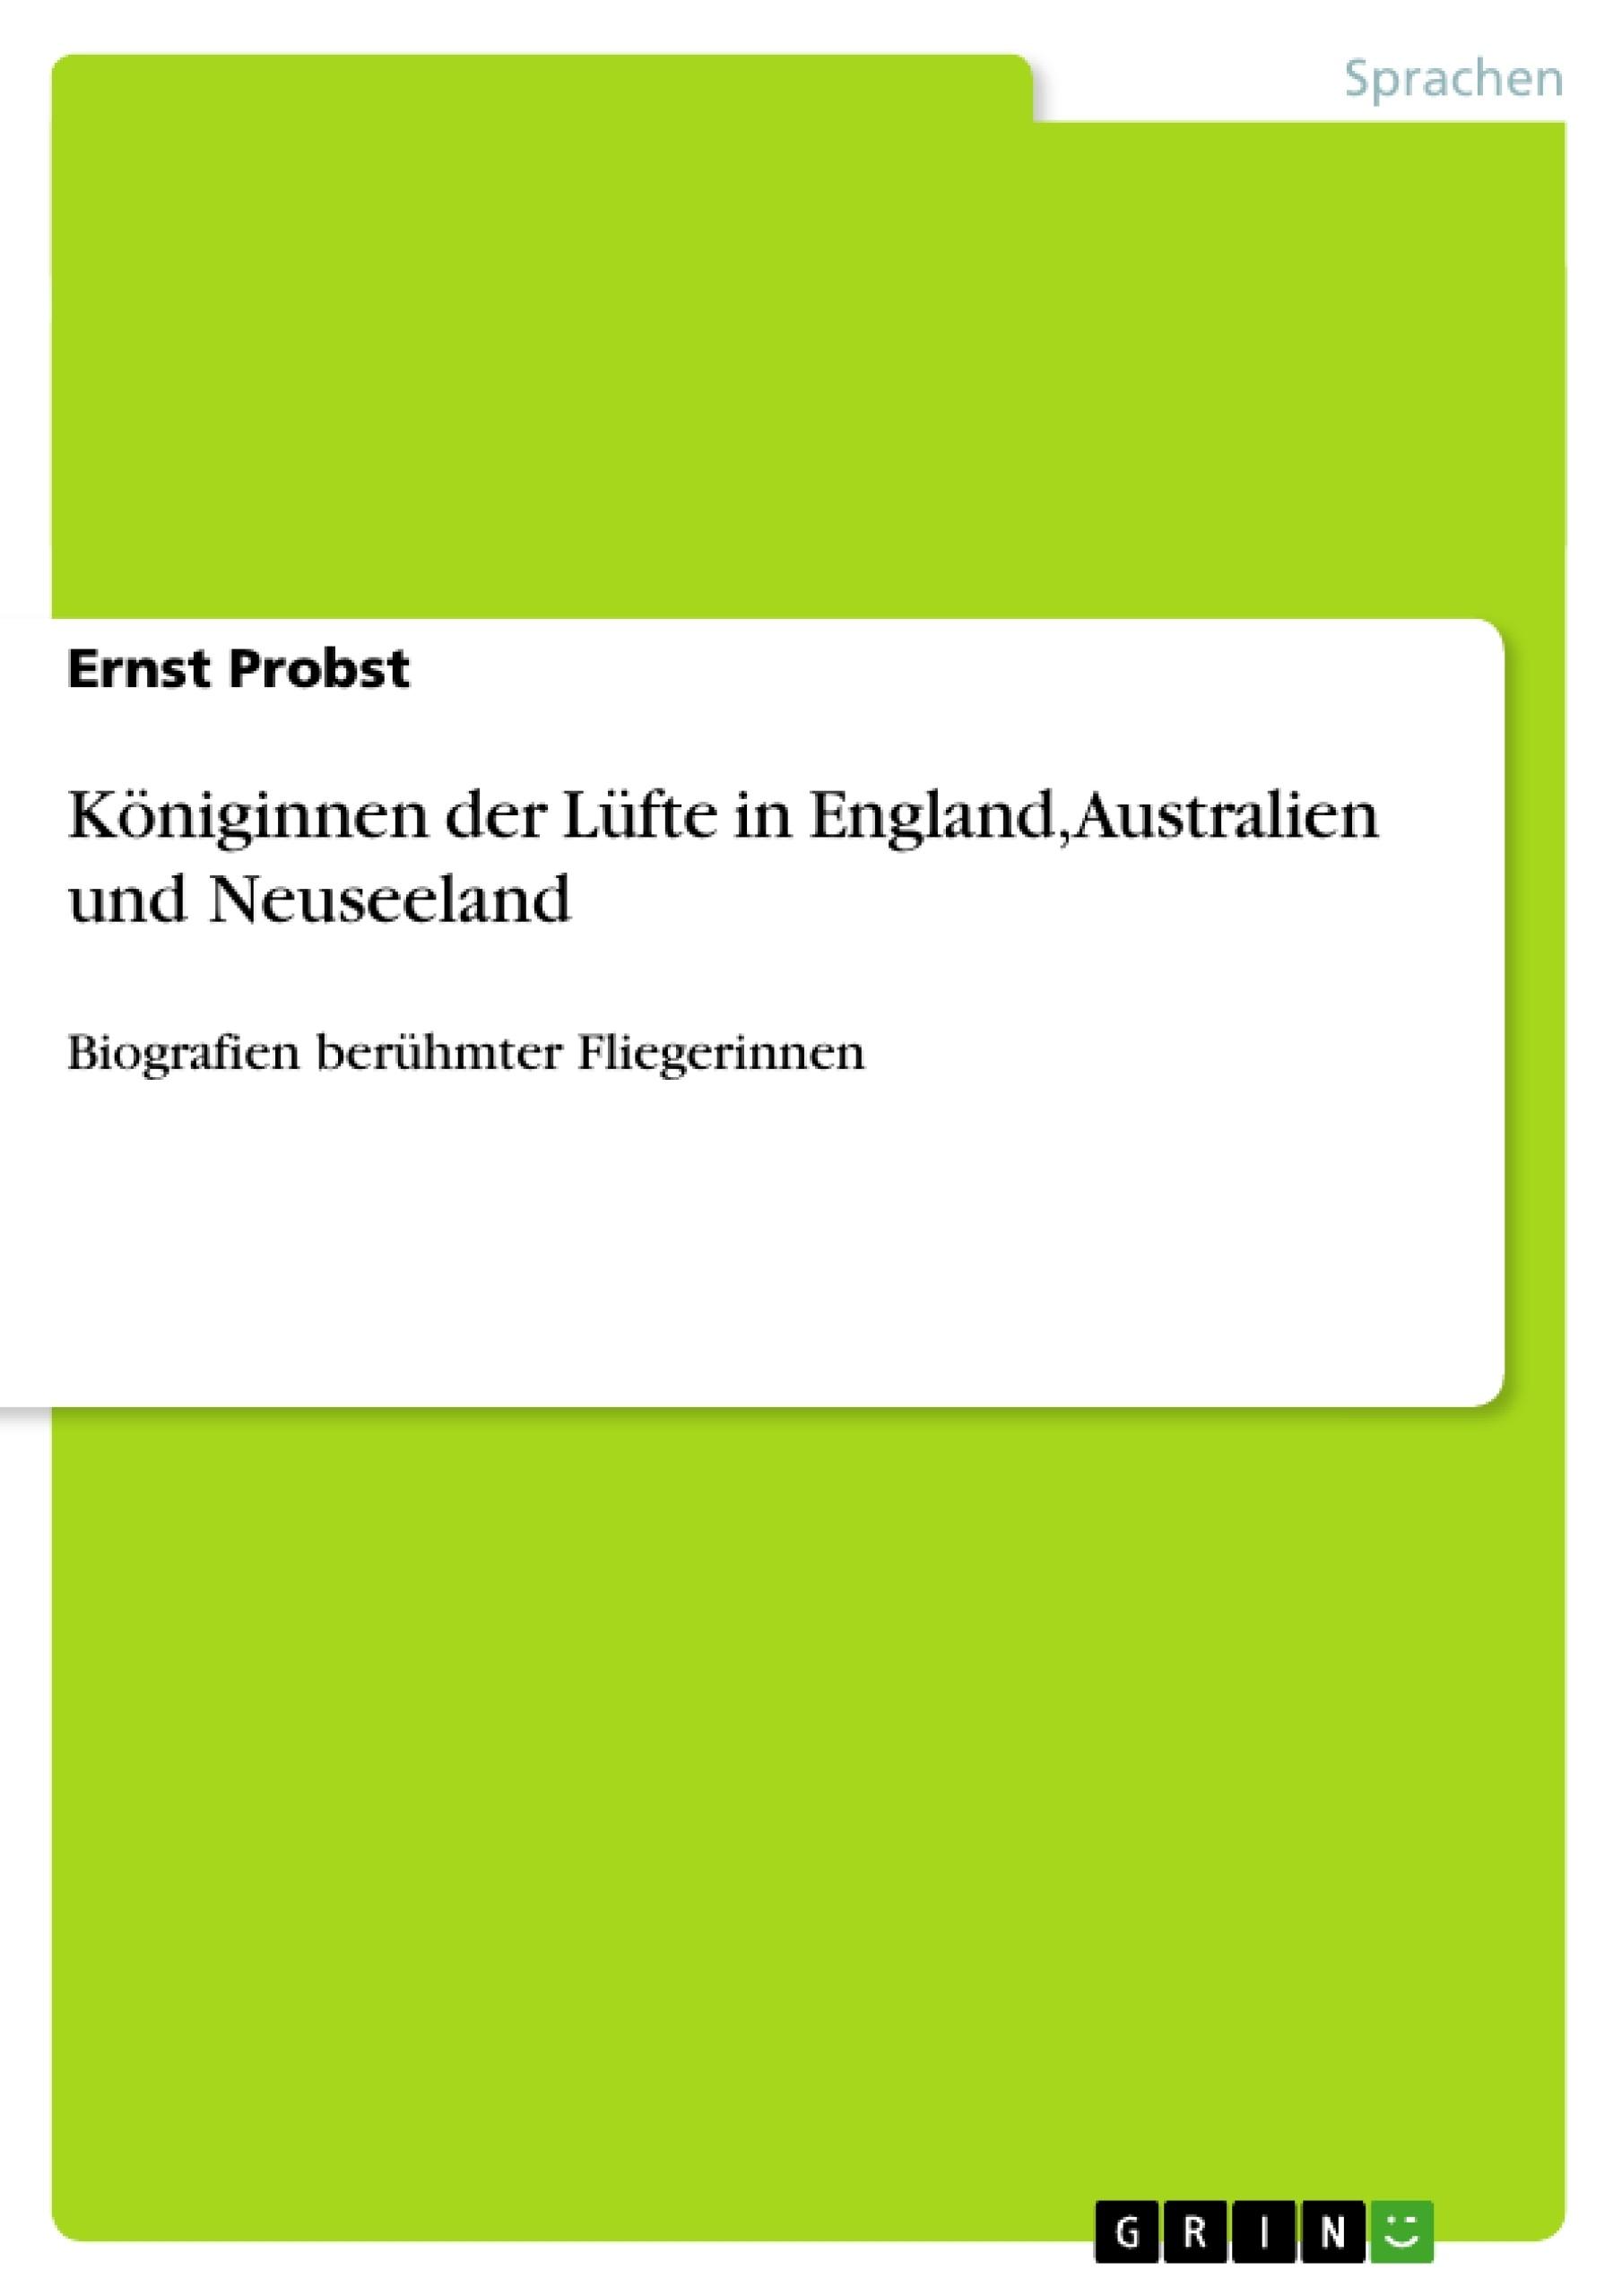 Titel: Königinnen der Lüfte in England, Australien und Neuseeland